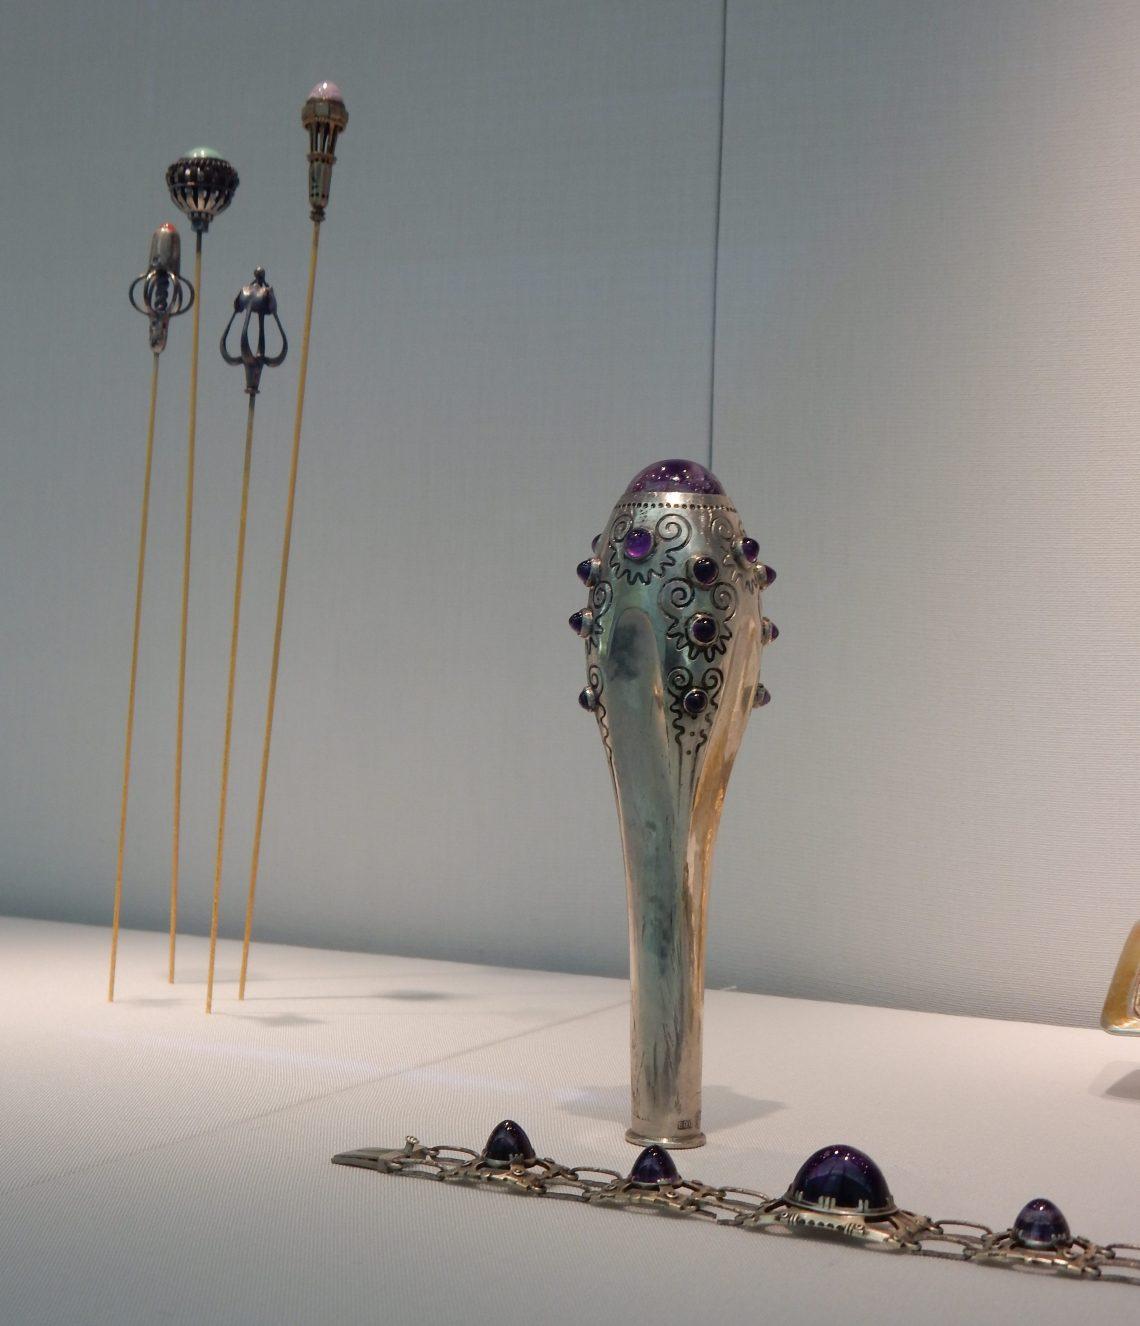 Hoedennaalden, parapluhandgreep, 1910, Max Strobl, armband, 1901. Schmuckmuseum Pforzheim, september 2018. Foto met dank aan Coert Peter Krabbe©